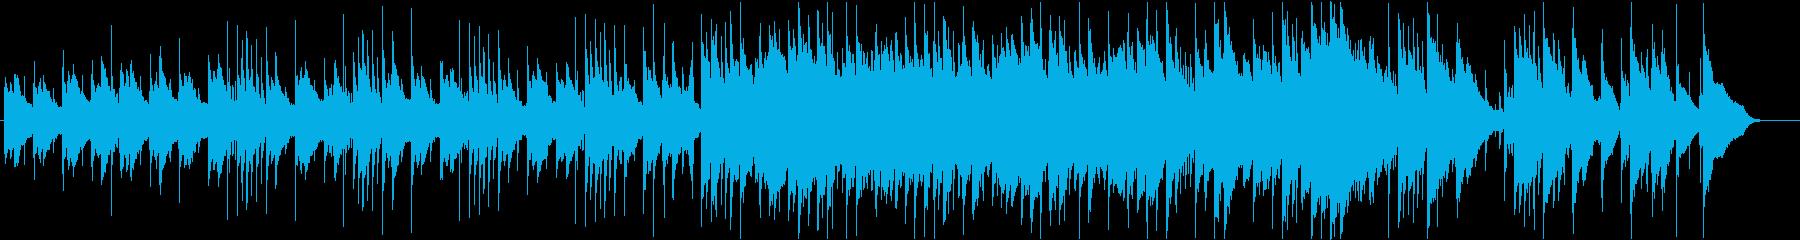 和楽器が印象的な3拍子バラードの再生済みの波形